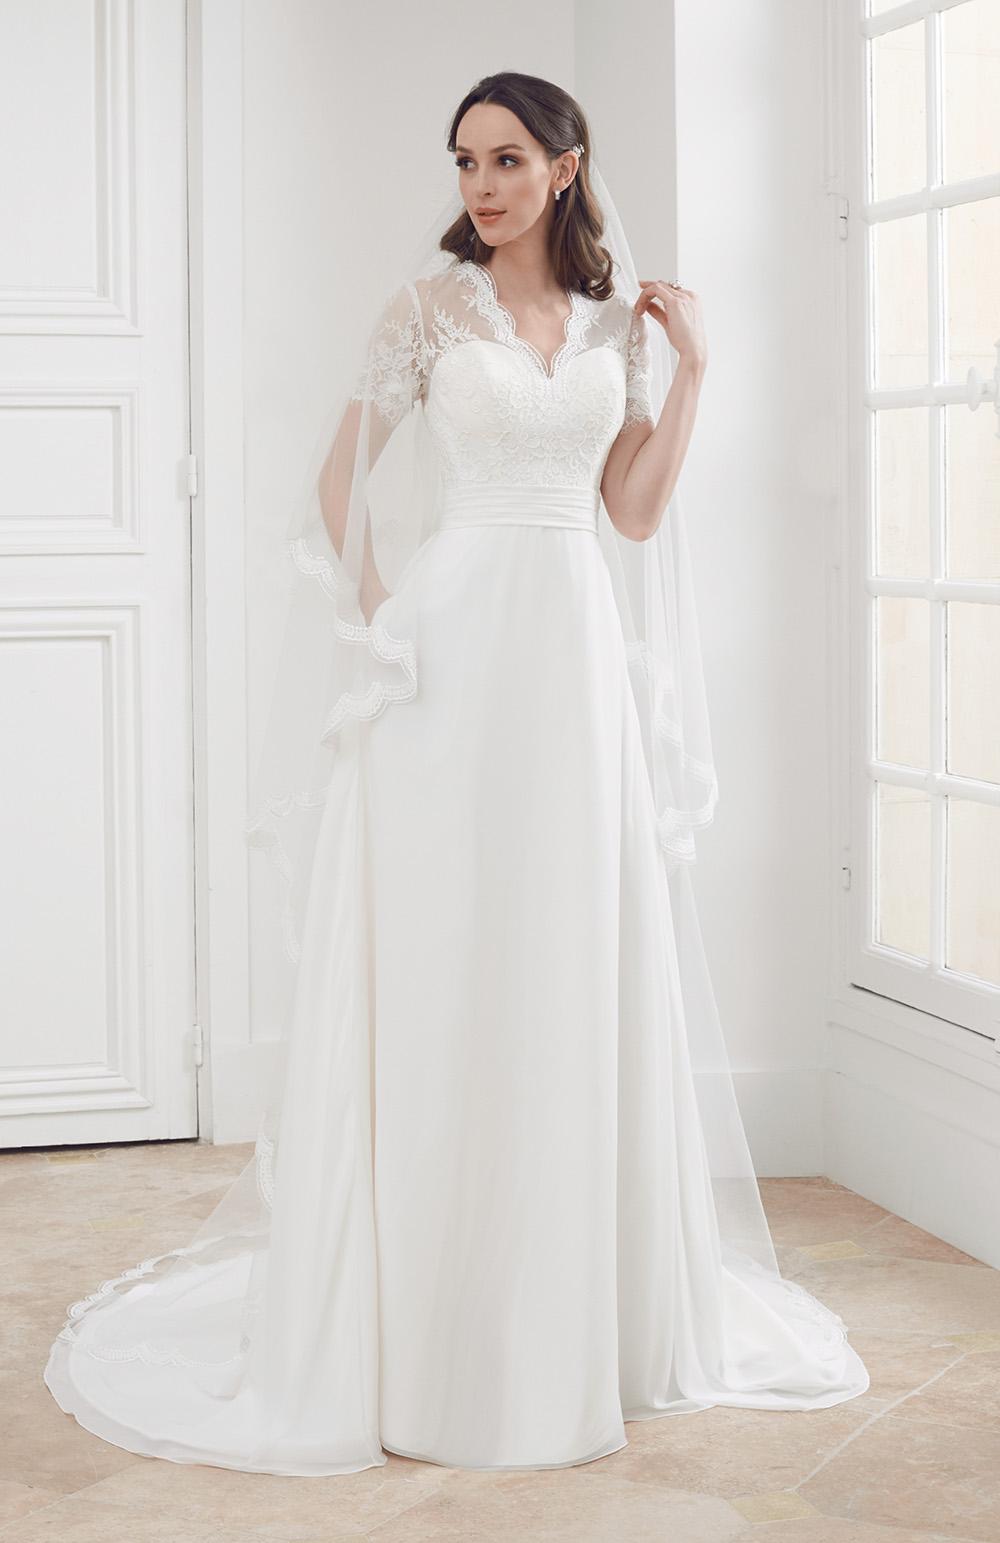 Robe de mariée Modèle Octavia